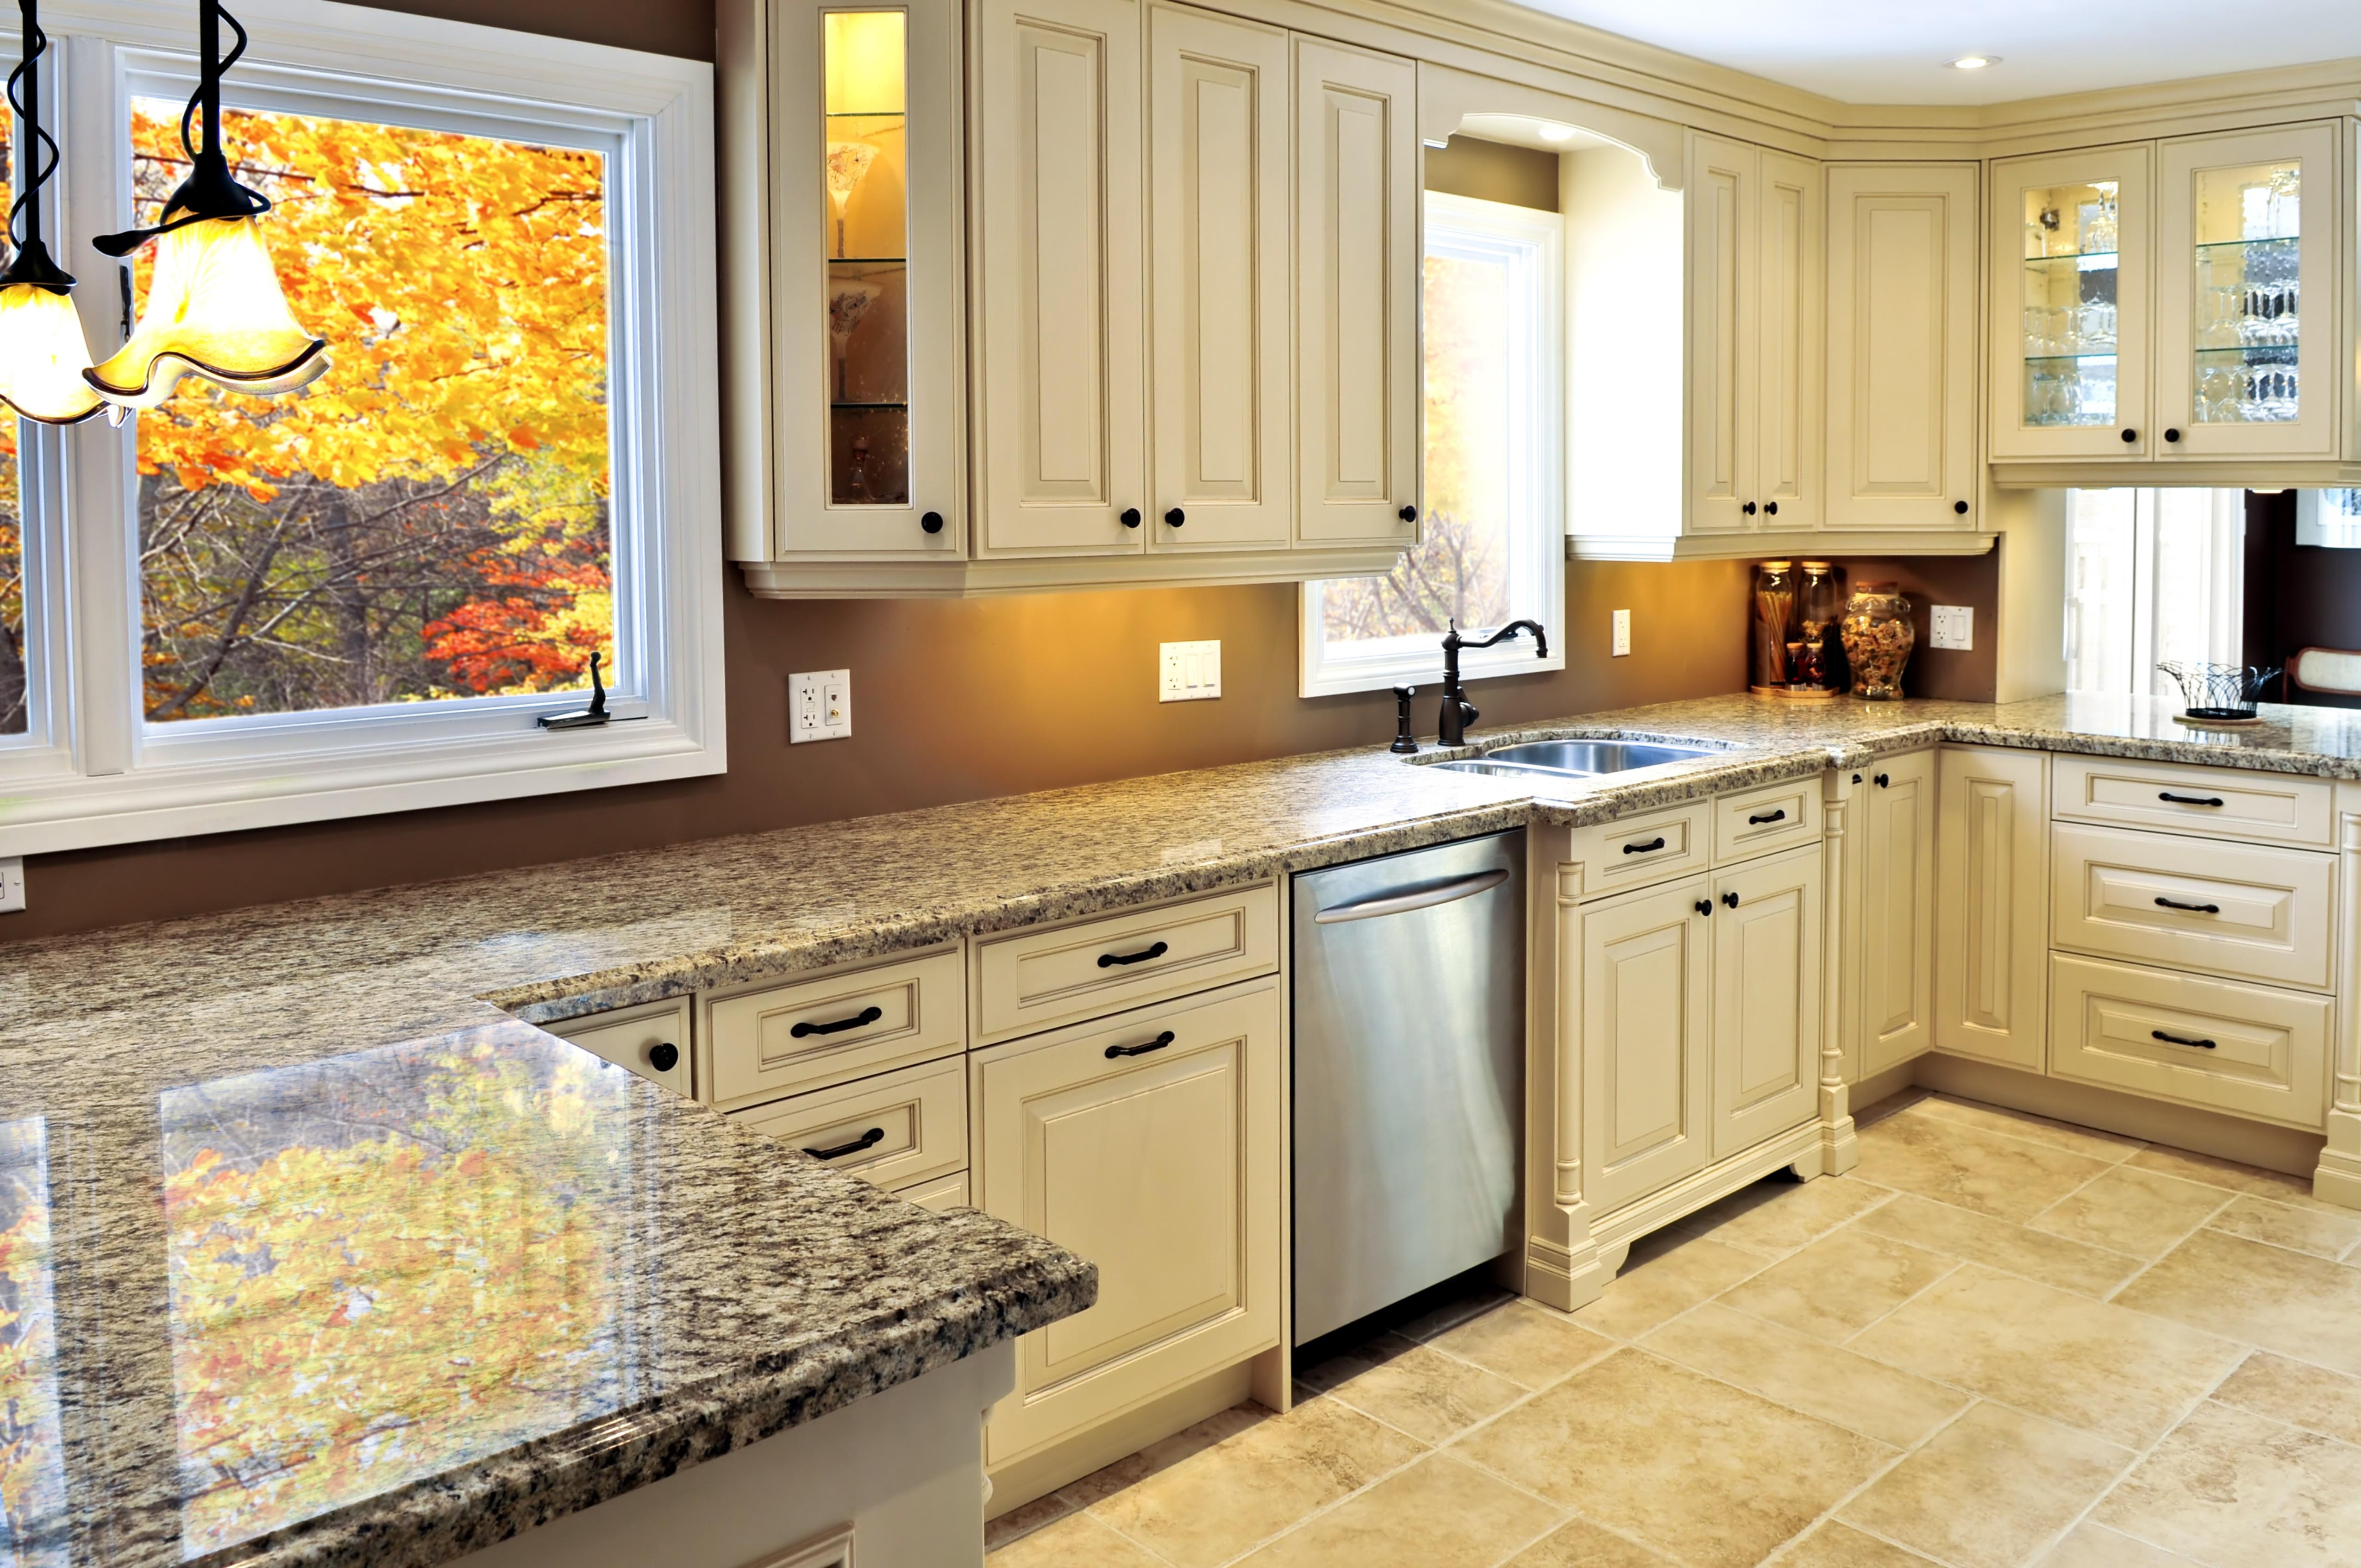 Apex Kitchen Cabinet and Granite Countertop image 6